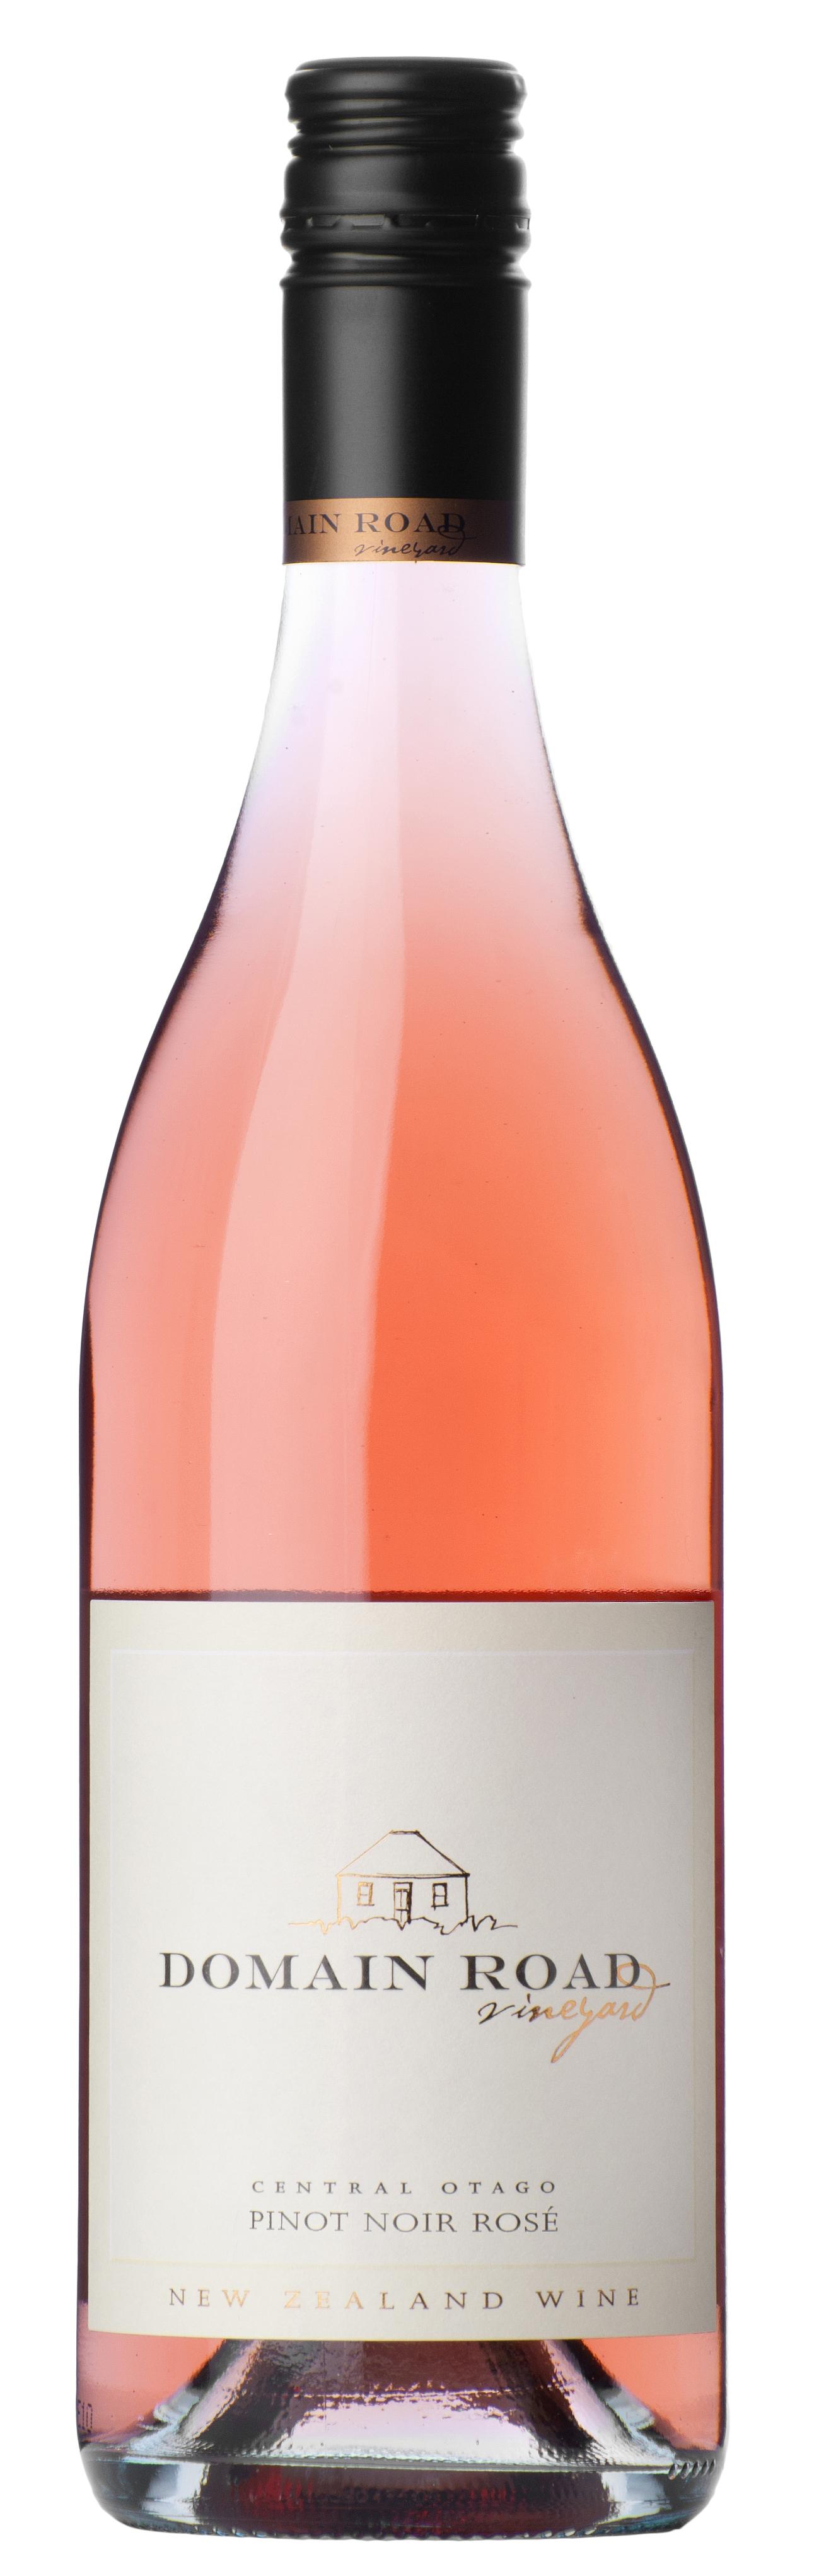 Domain Road  Pinot Noir Rosé 2013